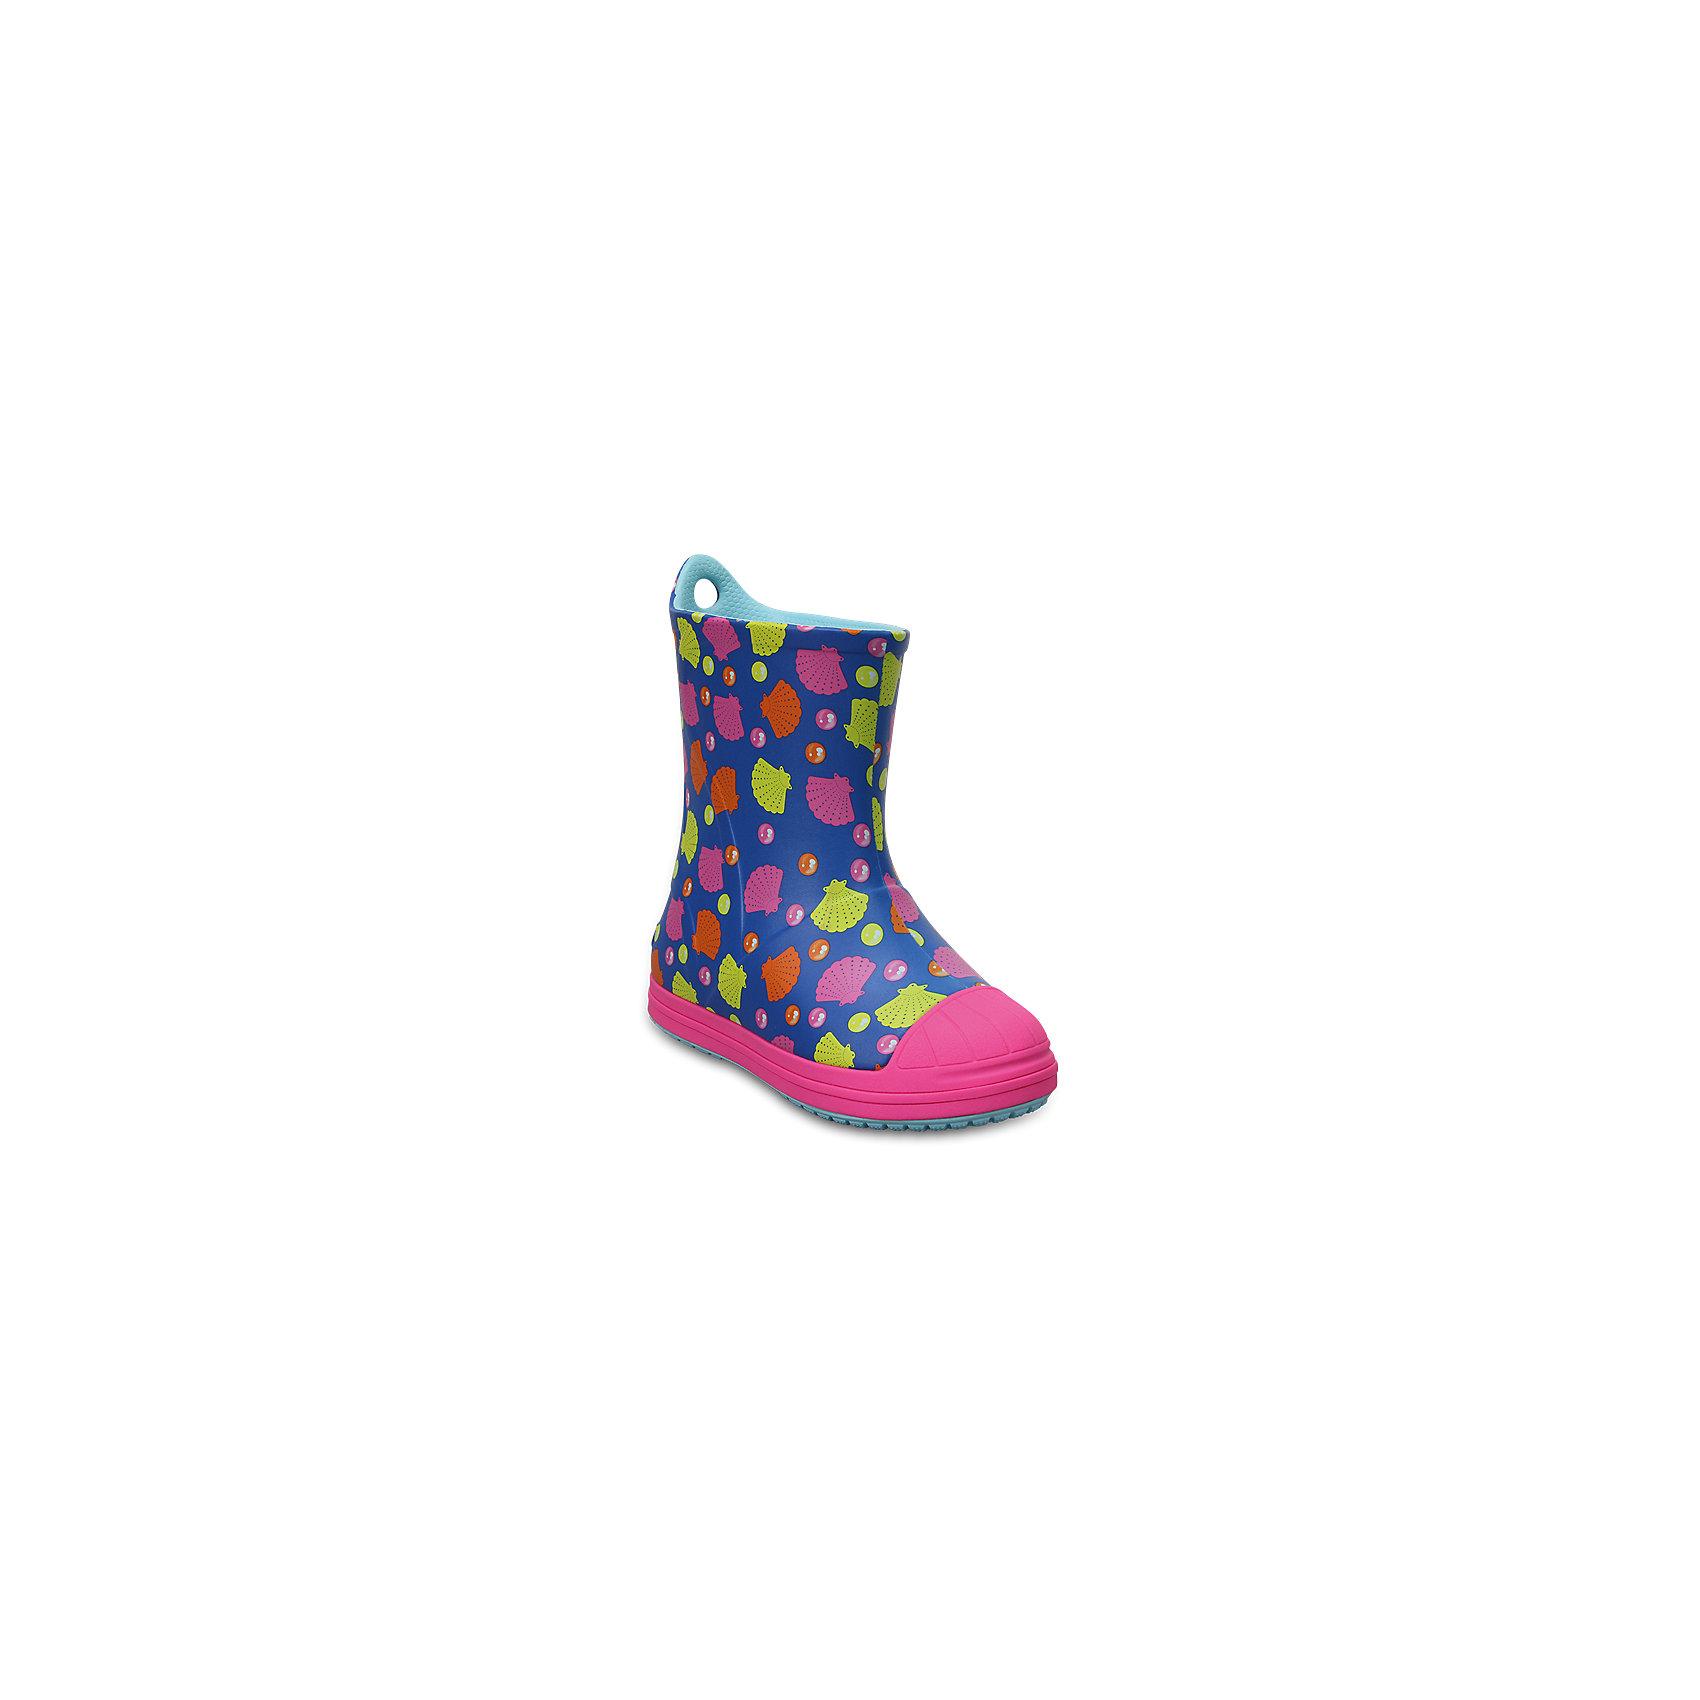 Резиновые сапоги Kids' Crocs Bump It Graphic Rain Boot, синий, розовыйРезиновые сапоги<br>Характеристики товара:<br><br>• цвет: синий, розовый<br>• принт: Ракушки<br>• сезон: демисезон, лето<br>• материал: 100% полимер Croslite™<br>• непромокаемые<br>• температурный режим: от 0° до +20° С<br>• легко очищаются<br>• антискользящая подошва<br>• язычок для удобного надевания<br>• толстая устойчивая подошва<br>• страна бренда: США<br>• страна изготовитель: Китай<br><br>Сапоги могут быть и стильными, и непромокаемыми! <br><br>Для детской обуви крайне важно, чтобы она была удобной. <br><br>Такие сапоги обеспечивают детям необходимый комфорт, а надежный материал не пропускает внутрь воду. <br><br>Сапоги легко надеваются и снимаются, отлично сидят на ноге. <br><br>Материал, из которого они сделаны, не дает размножаться бактериям, поэтому такая обувь препятствует образованию неприятного запаха и появлению болезней стоп. <br><br>Данная модель особенно понравится детям - ведь в них можно бегать по лужам!<br><br>Резиновые сапоги Kids' Crocs Bump It Graphic Rain Boot от торговой марки Crocs можно купить в нашем интернет-магазине.<br><br>Ширина мм: 237<br>Глубина мм: 180<br>Высота мм: 152<br>Вес г: 438<br>Цвет: синий<br>Возраст от месяцев: 72<br>Возраст до месяцев: 84<br>Пол: Унисекс<br>Возраст: Детский<br>Размер: 30,23,24,25,26,31/32,33/34,34/35,27,28,29<br>SKU: 5416760